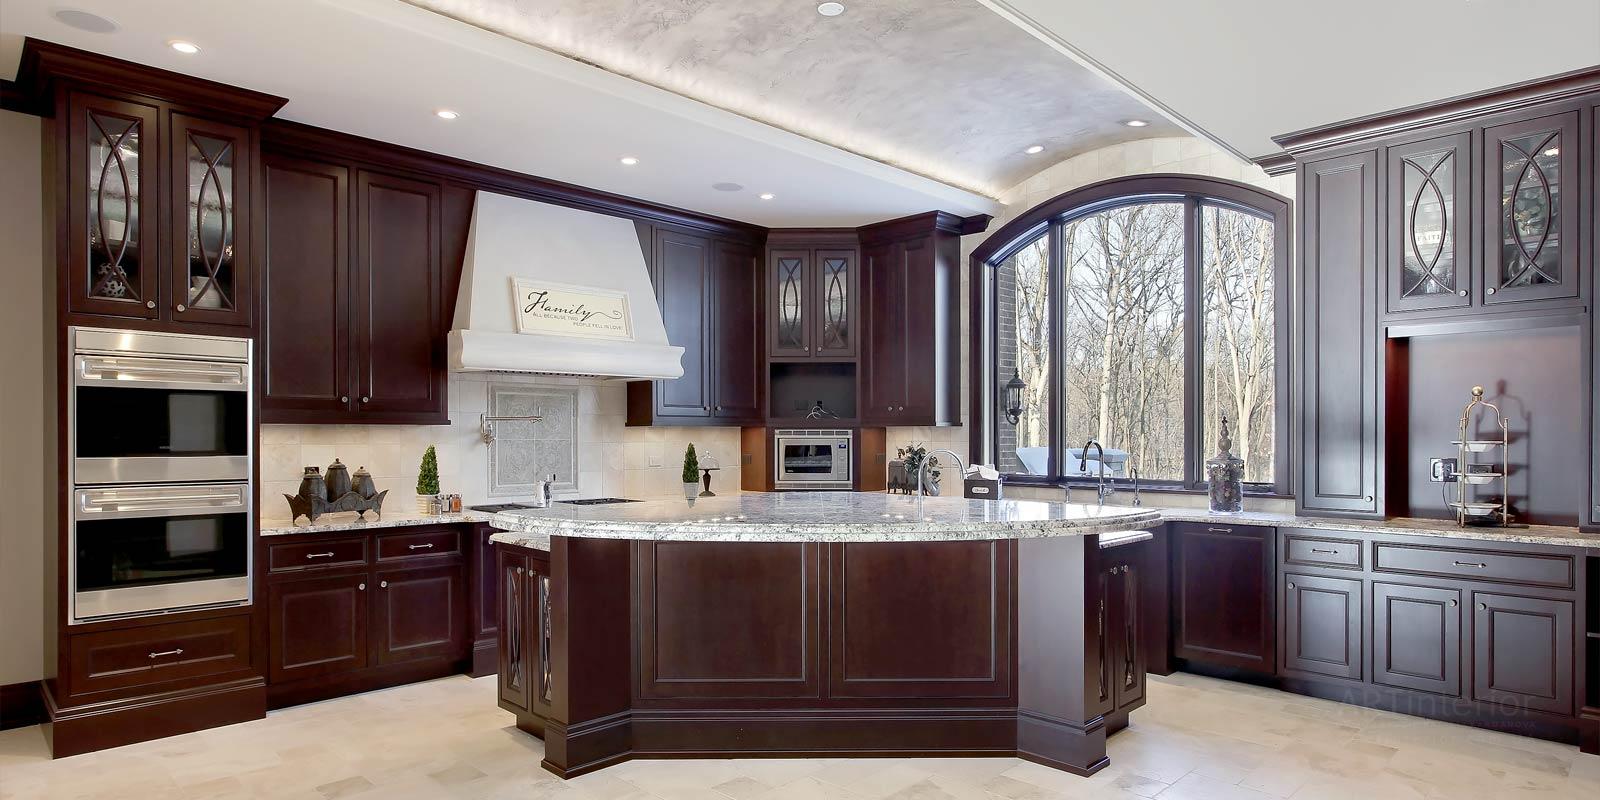 темная кухня | Дизайн и стиль интерьера квартиры, дома, офиса от «Artinterior», Киев, artinterior.com.ua